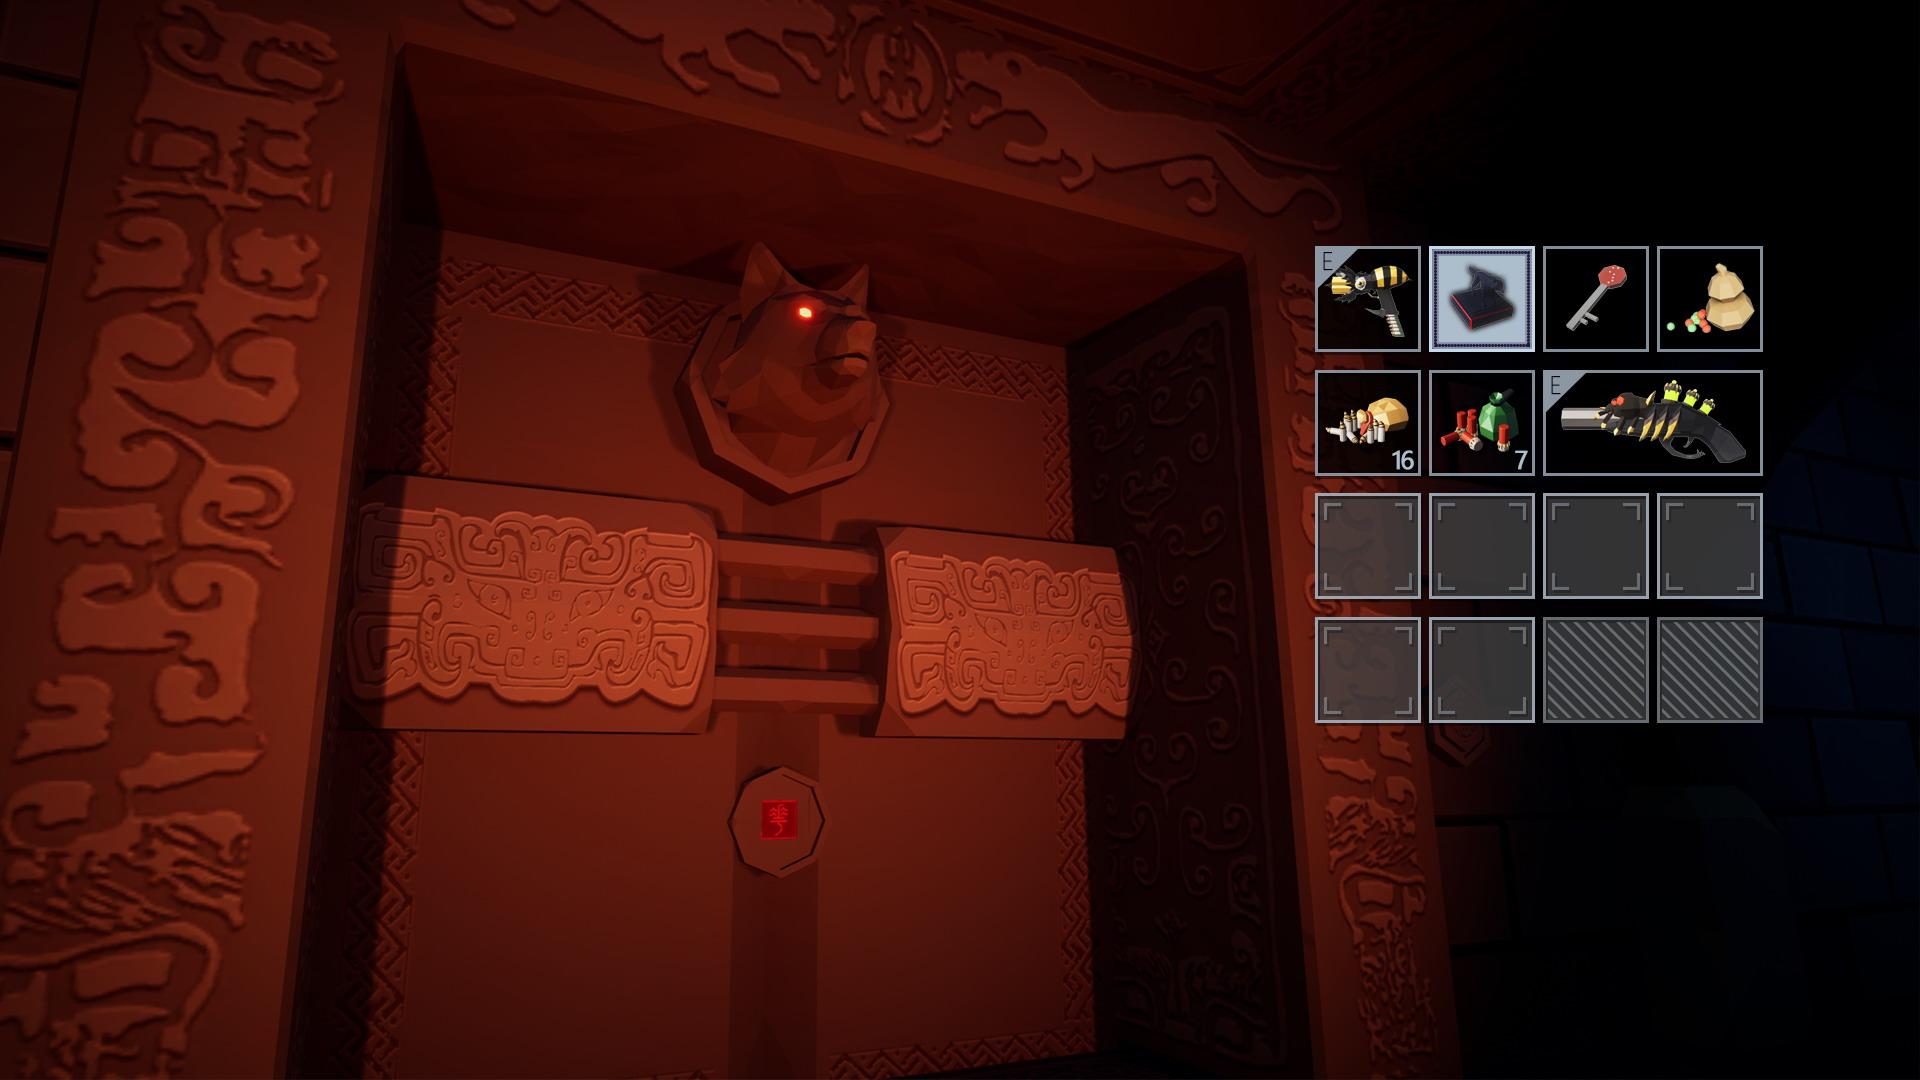 单机游戏《蛊婆》正式登陆Steam平台 卡通版生化危机